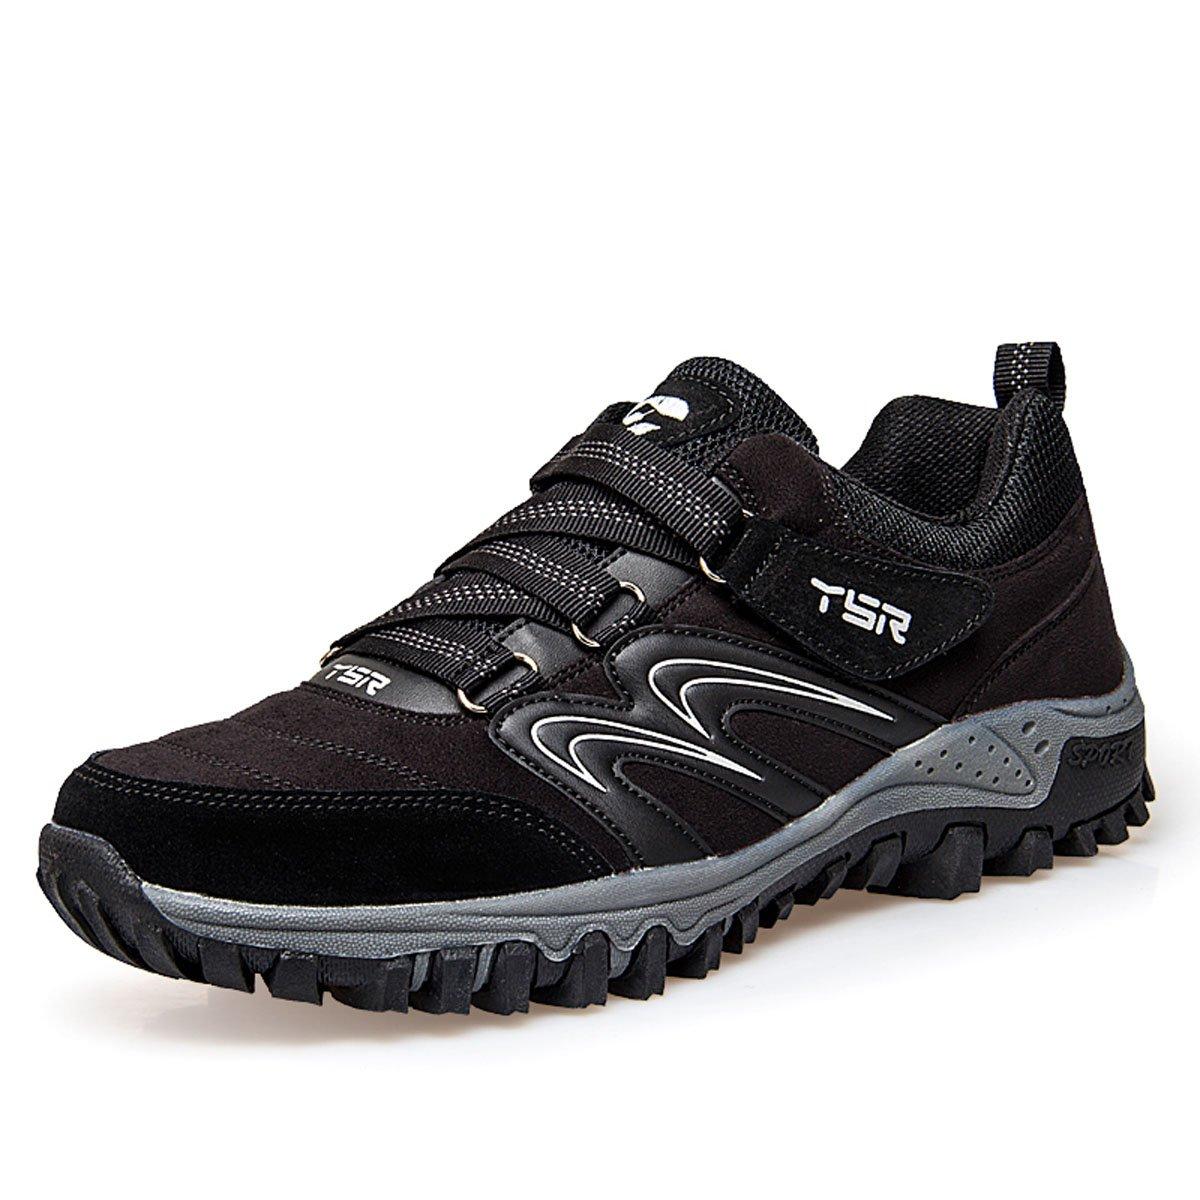 Gracosy Trekking-Schuhe, Wanderschuhe Herren Damen Turnschuhe Outdoor Hiking Turnschuhe Anti-Rutsche Laufschuhe Trailrunning Sportschuhe(Hersteller-Größentabelle im Bild Beachten)